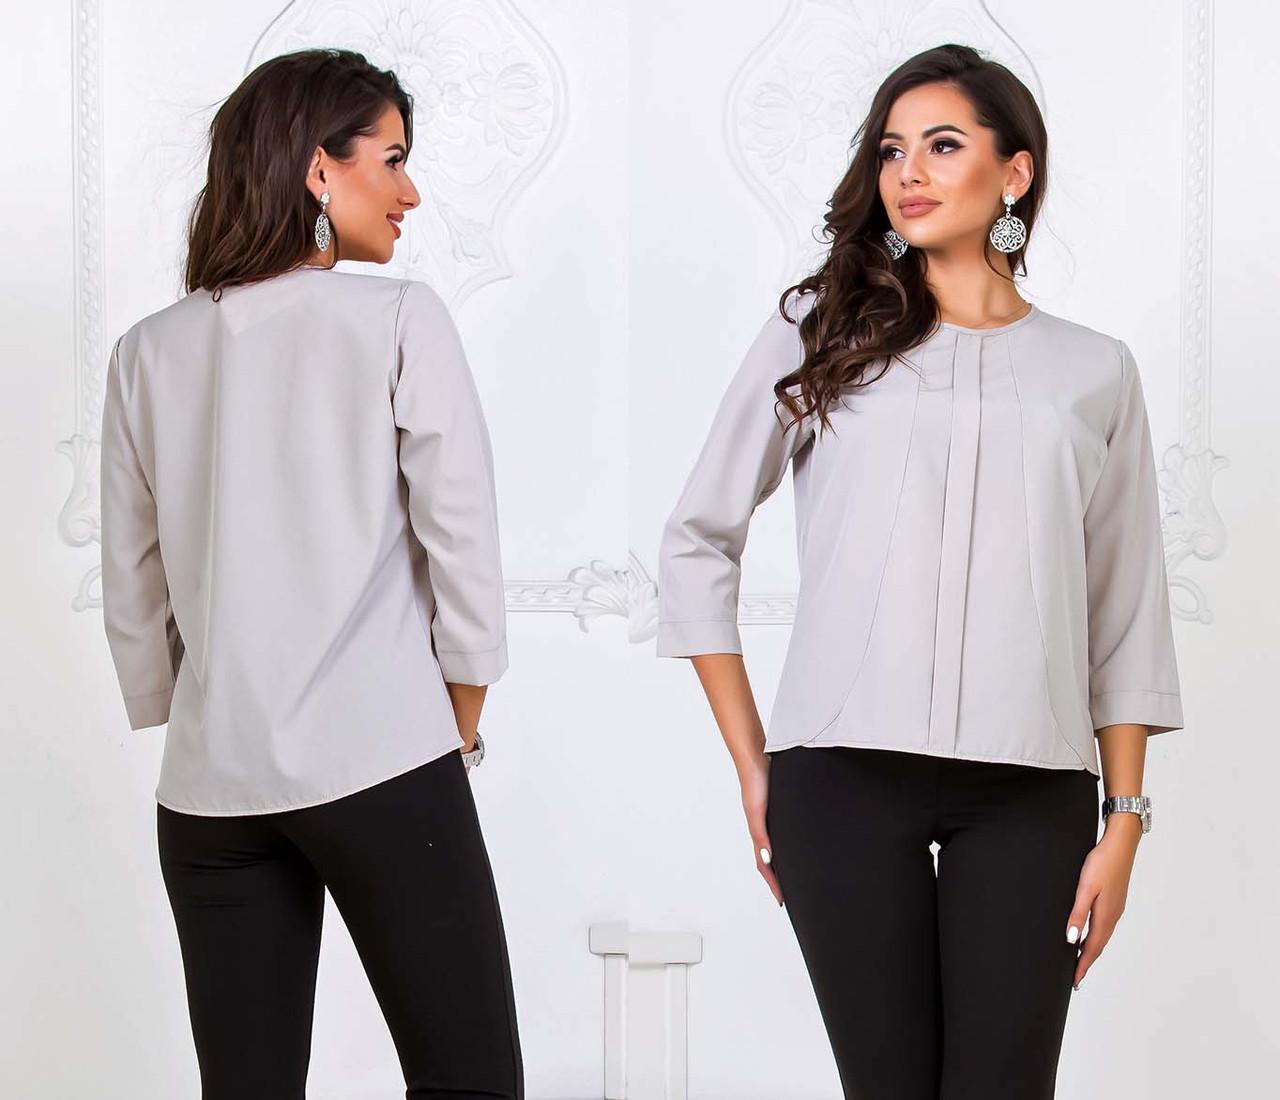 """Элегантная женская блузка до больших размеров 1580 """"Софт Планочка"""" в расцветках"""